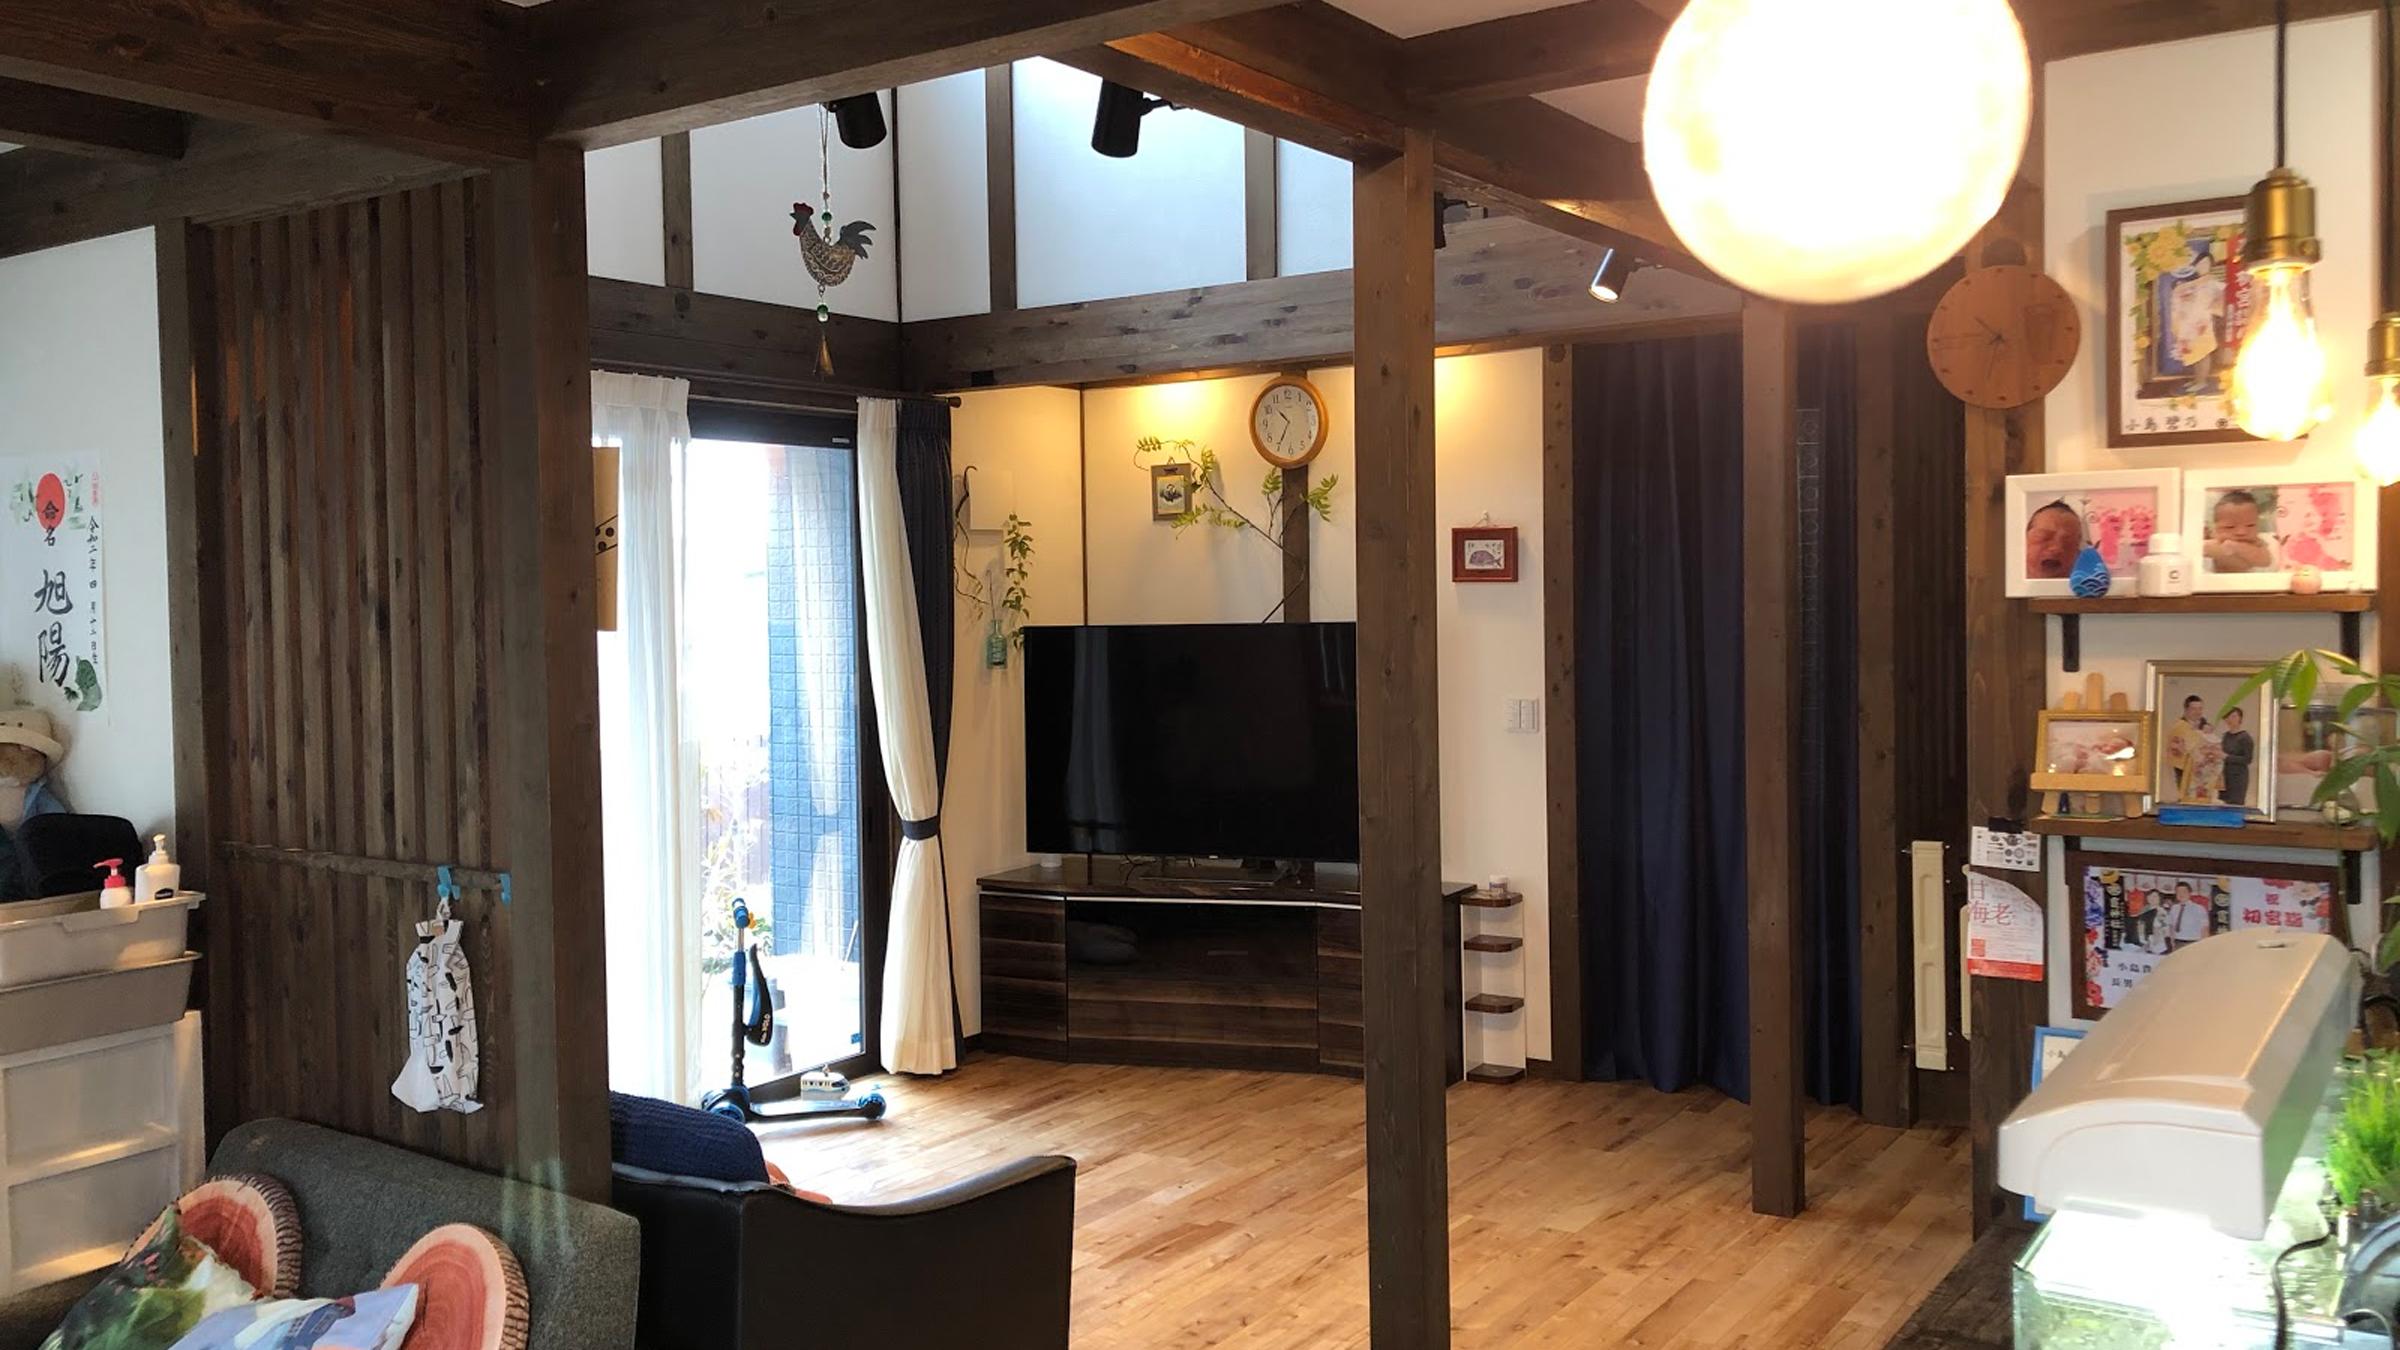 サイエンスホームの施工事例|レトロな雰囲気と丁寧な暮らしを大切にしている家